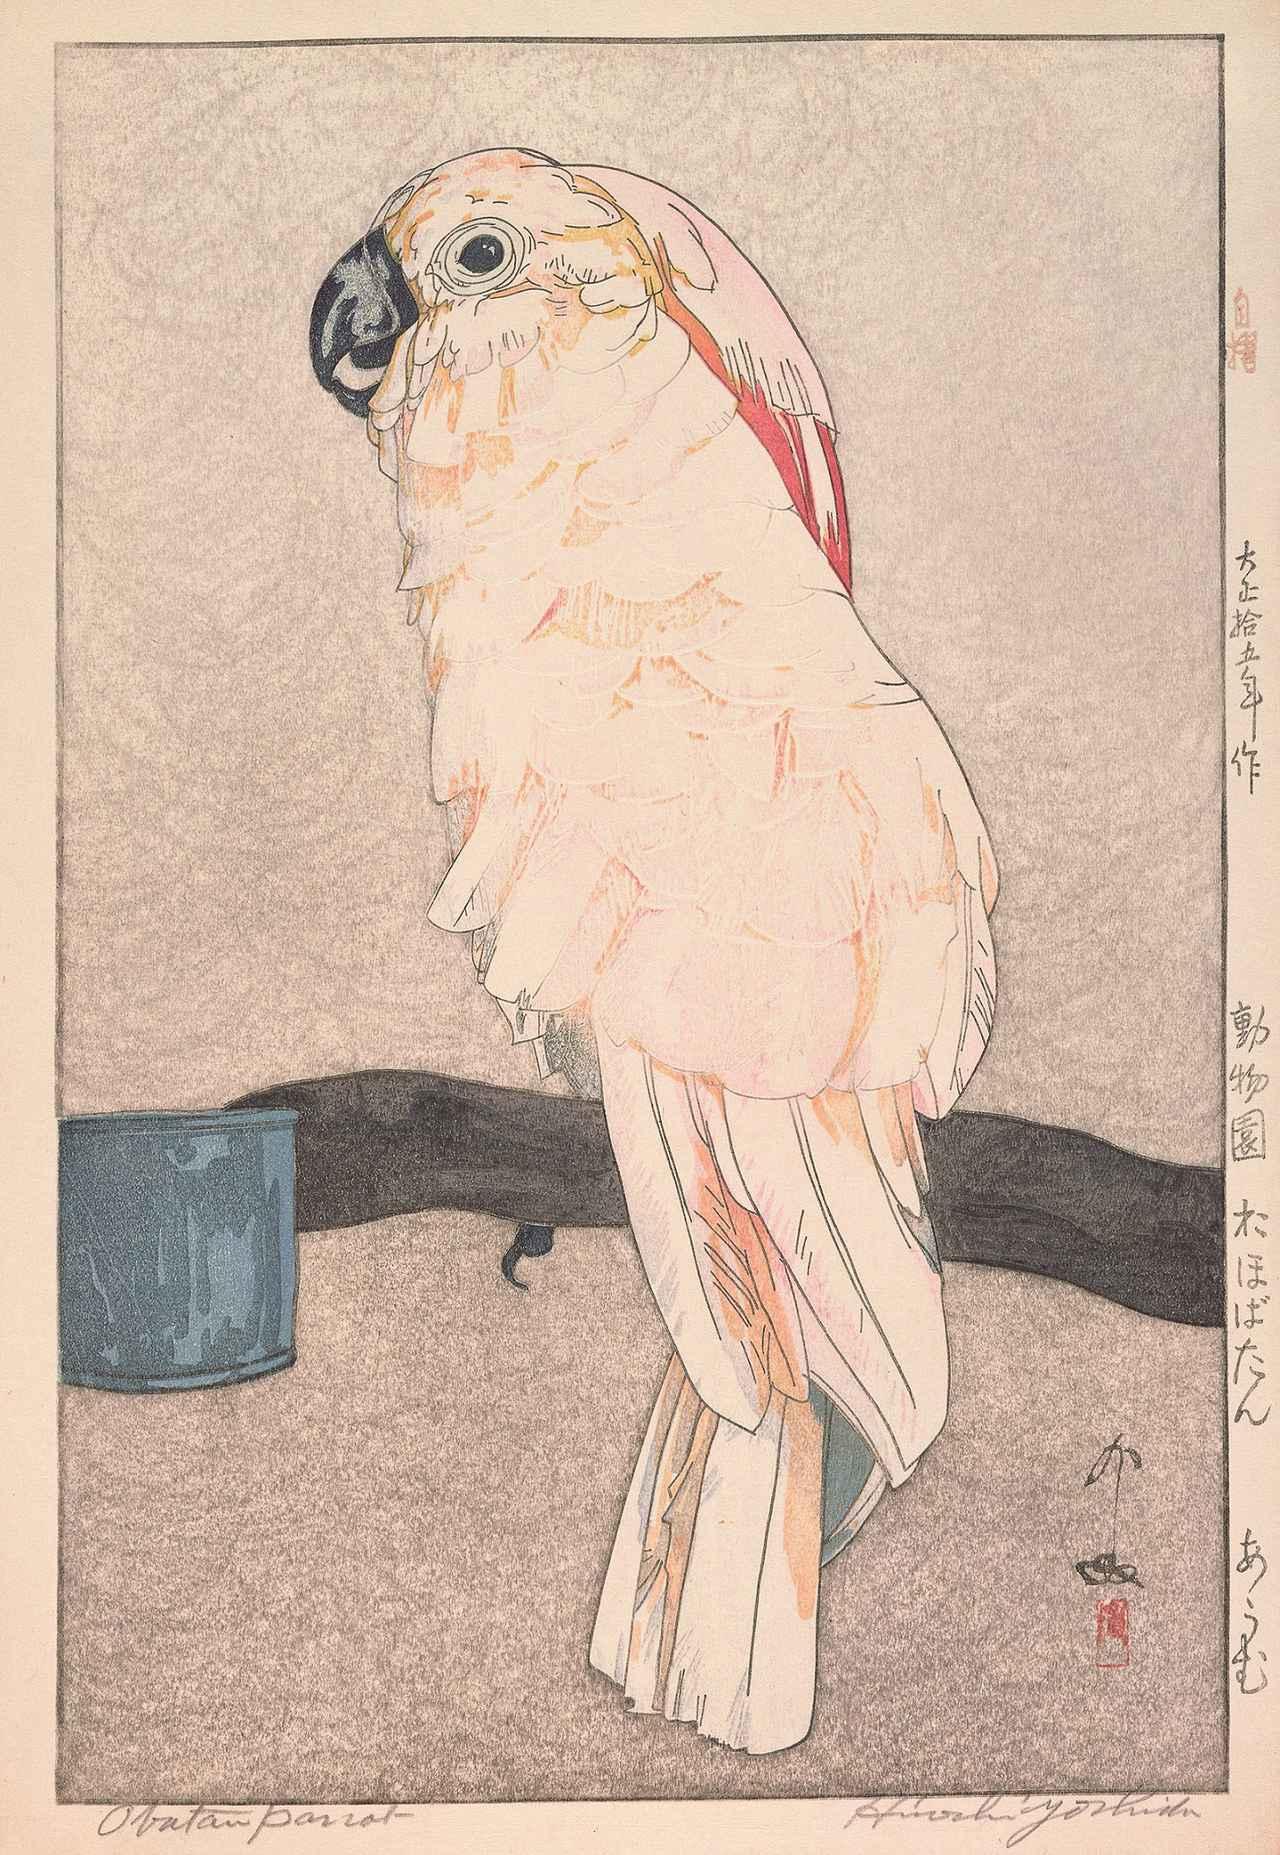 画像: 《動物園 於ほばたん あうむ》 大正15(1926)年 木版、紙 37.1×24.7cm